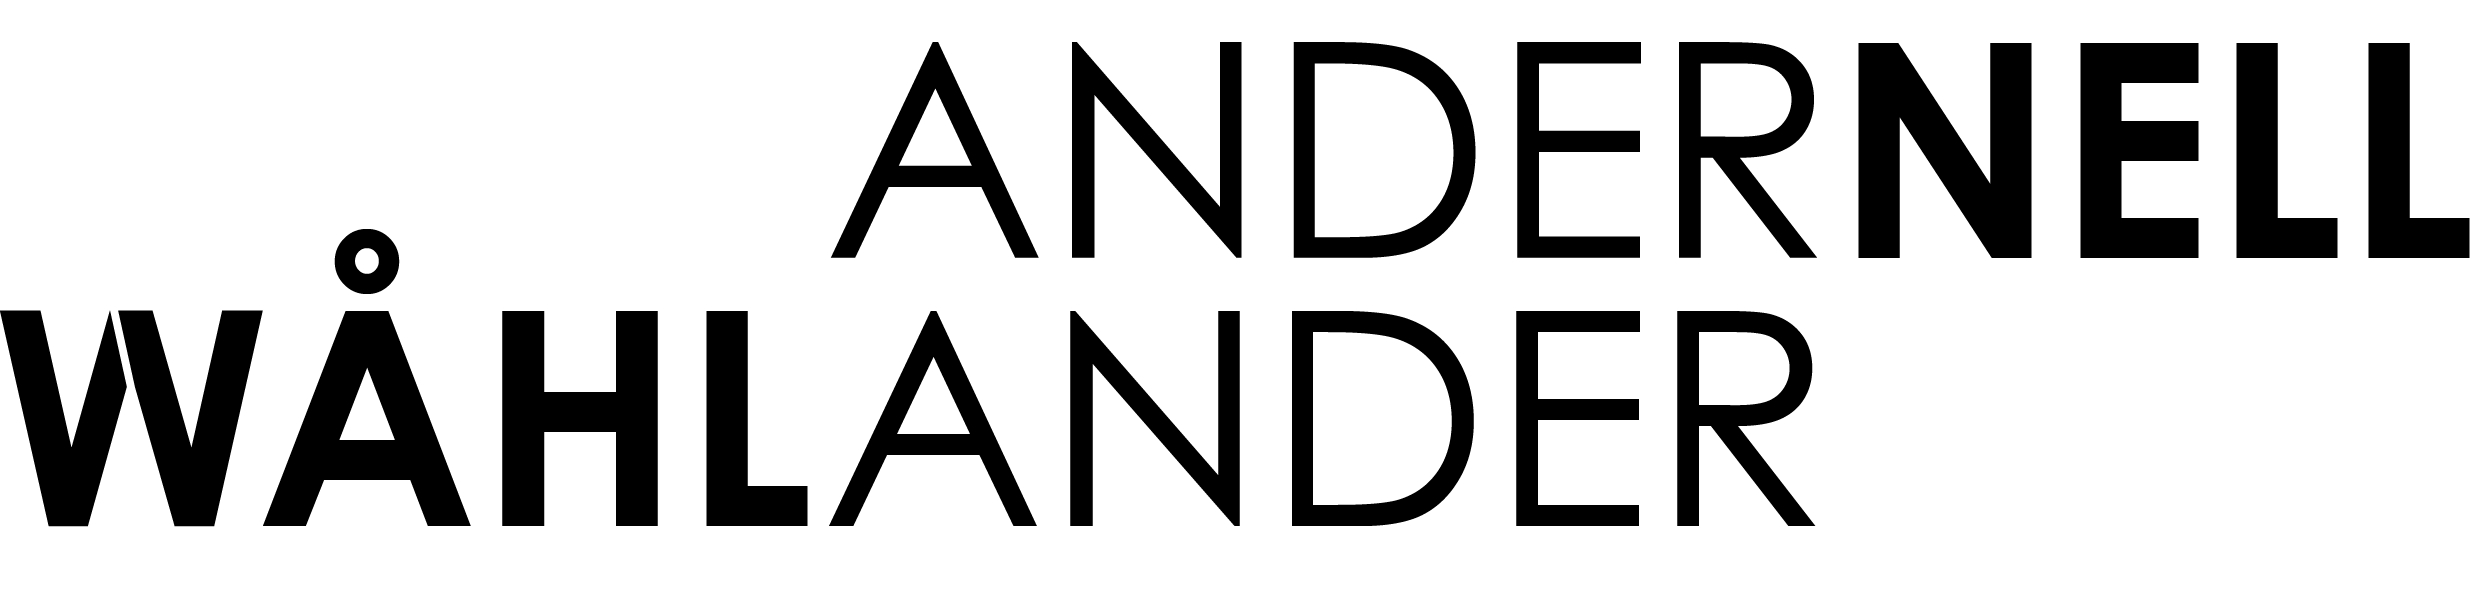 Andernell Wåhlander